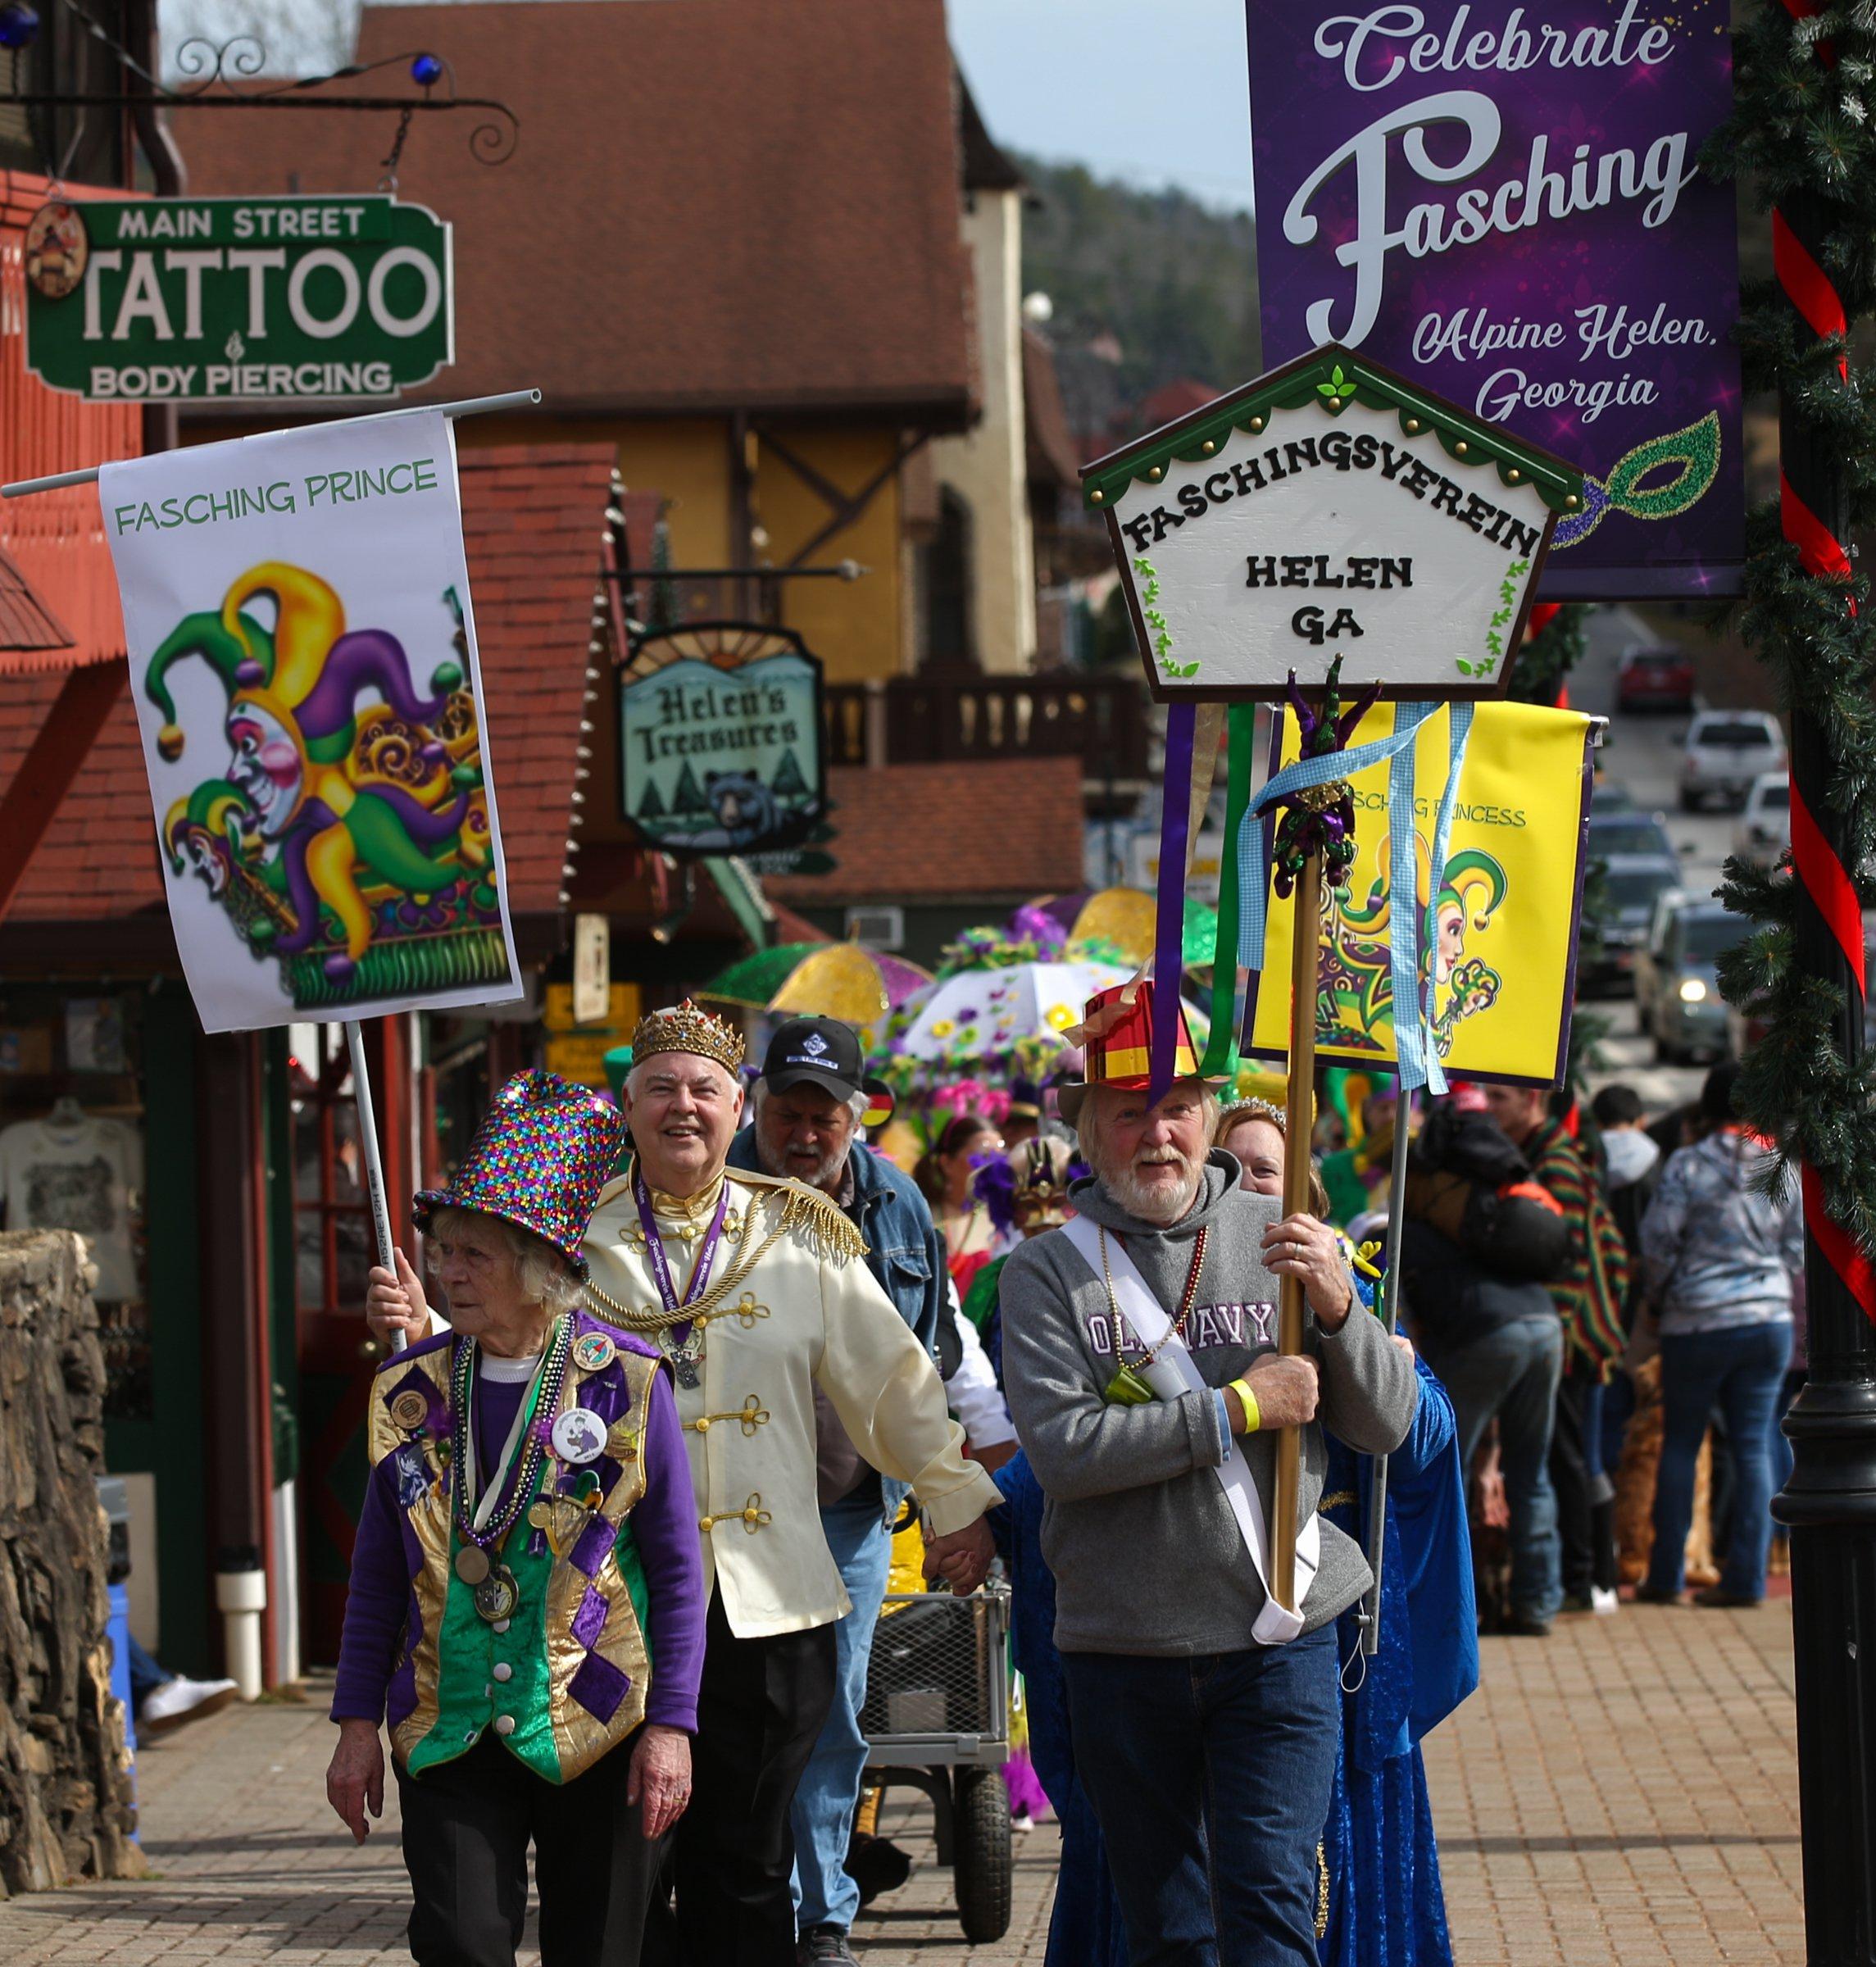 Fasching parade